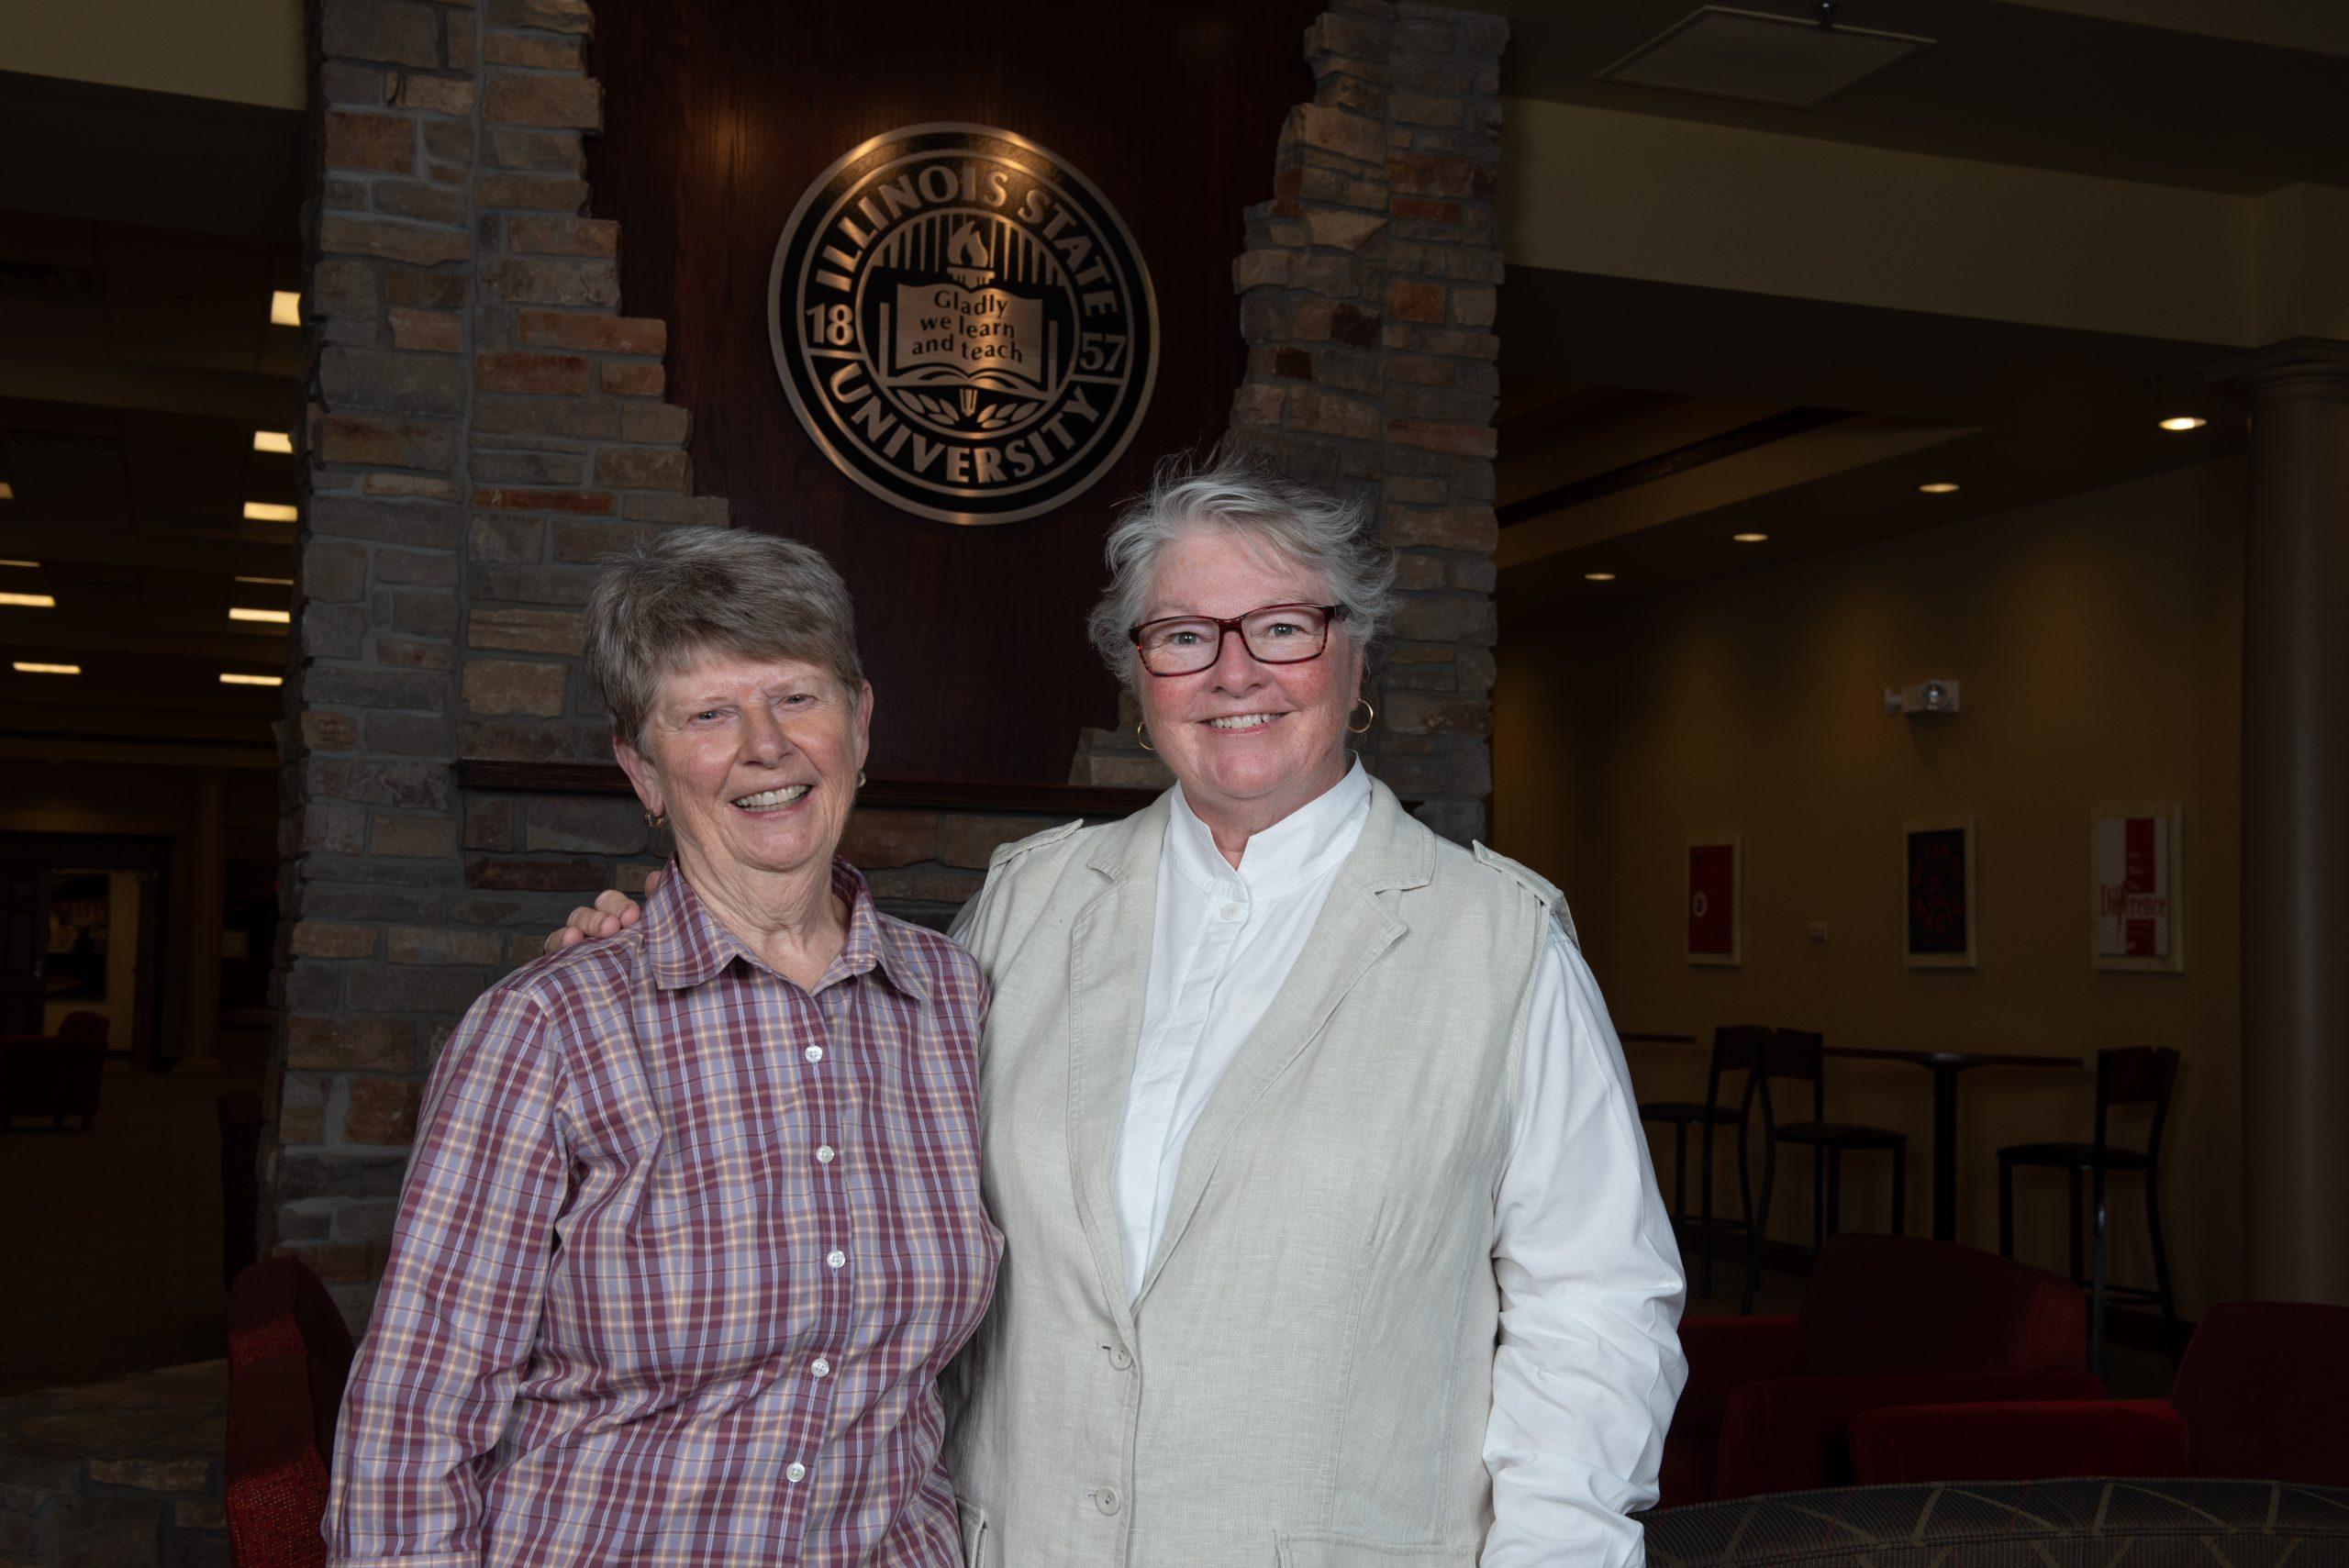 Left: Sandy Groves, Right: Diane Dahlmann M.S. '77